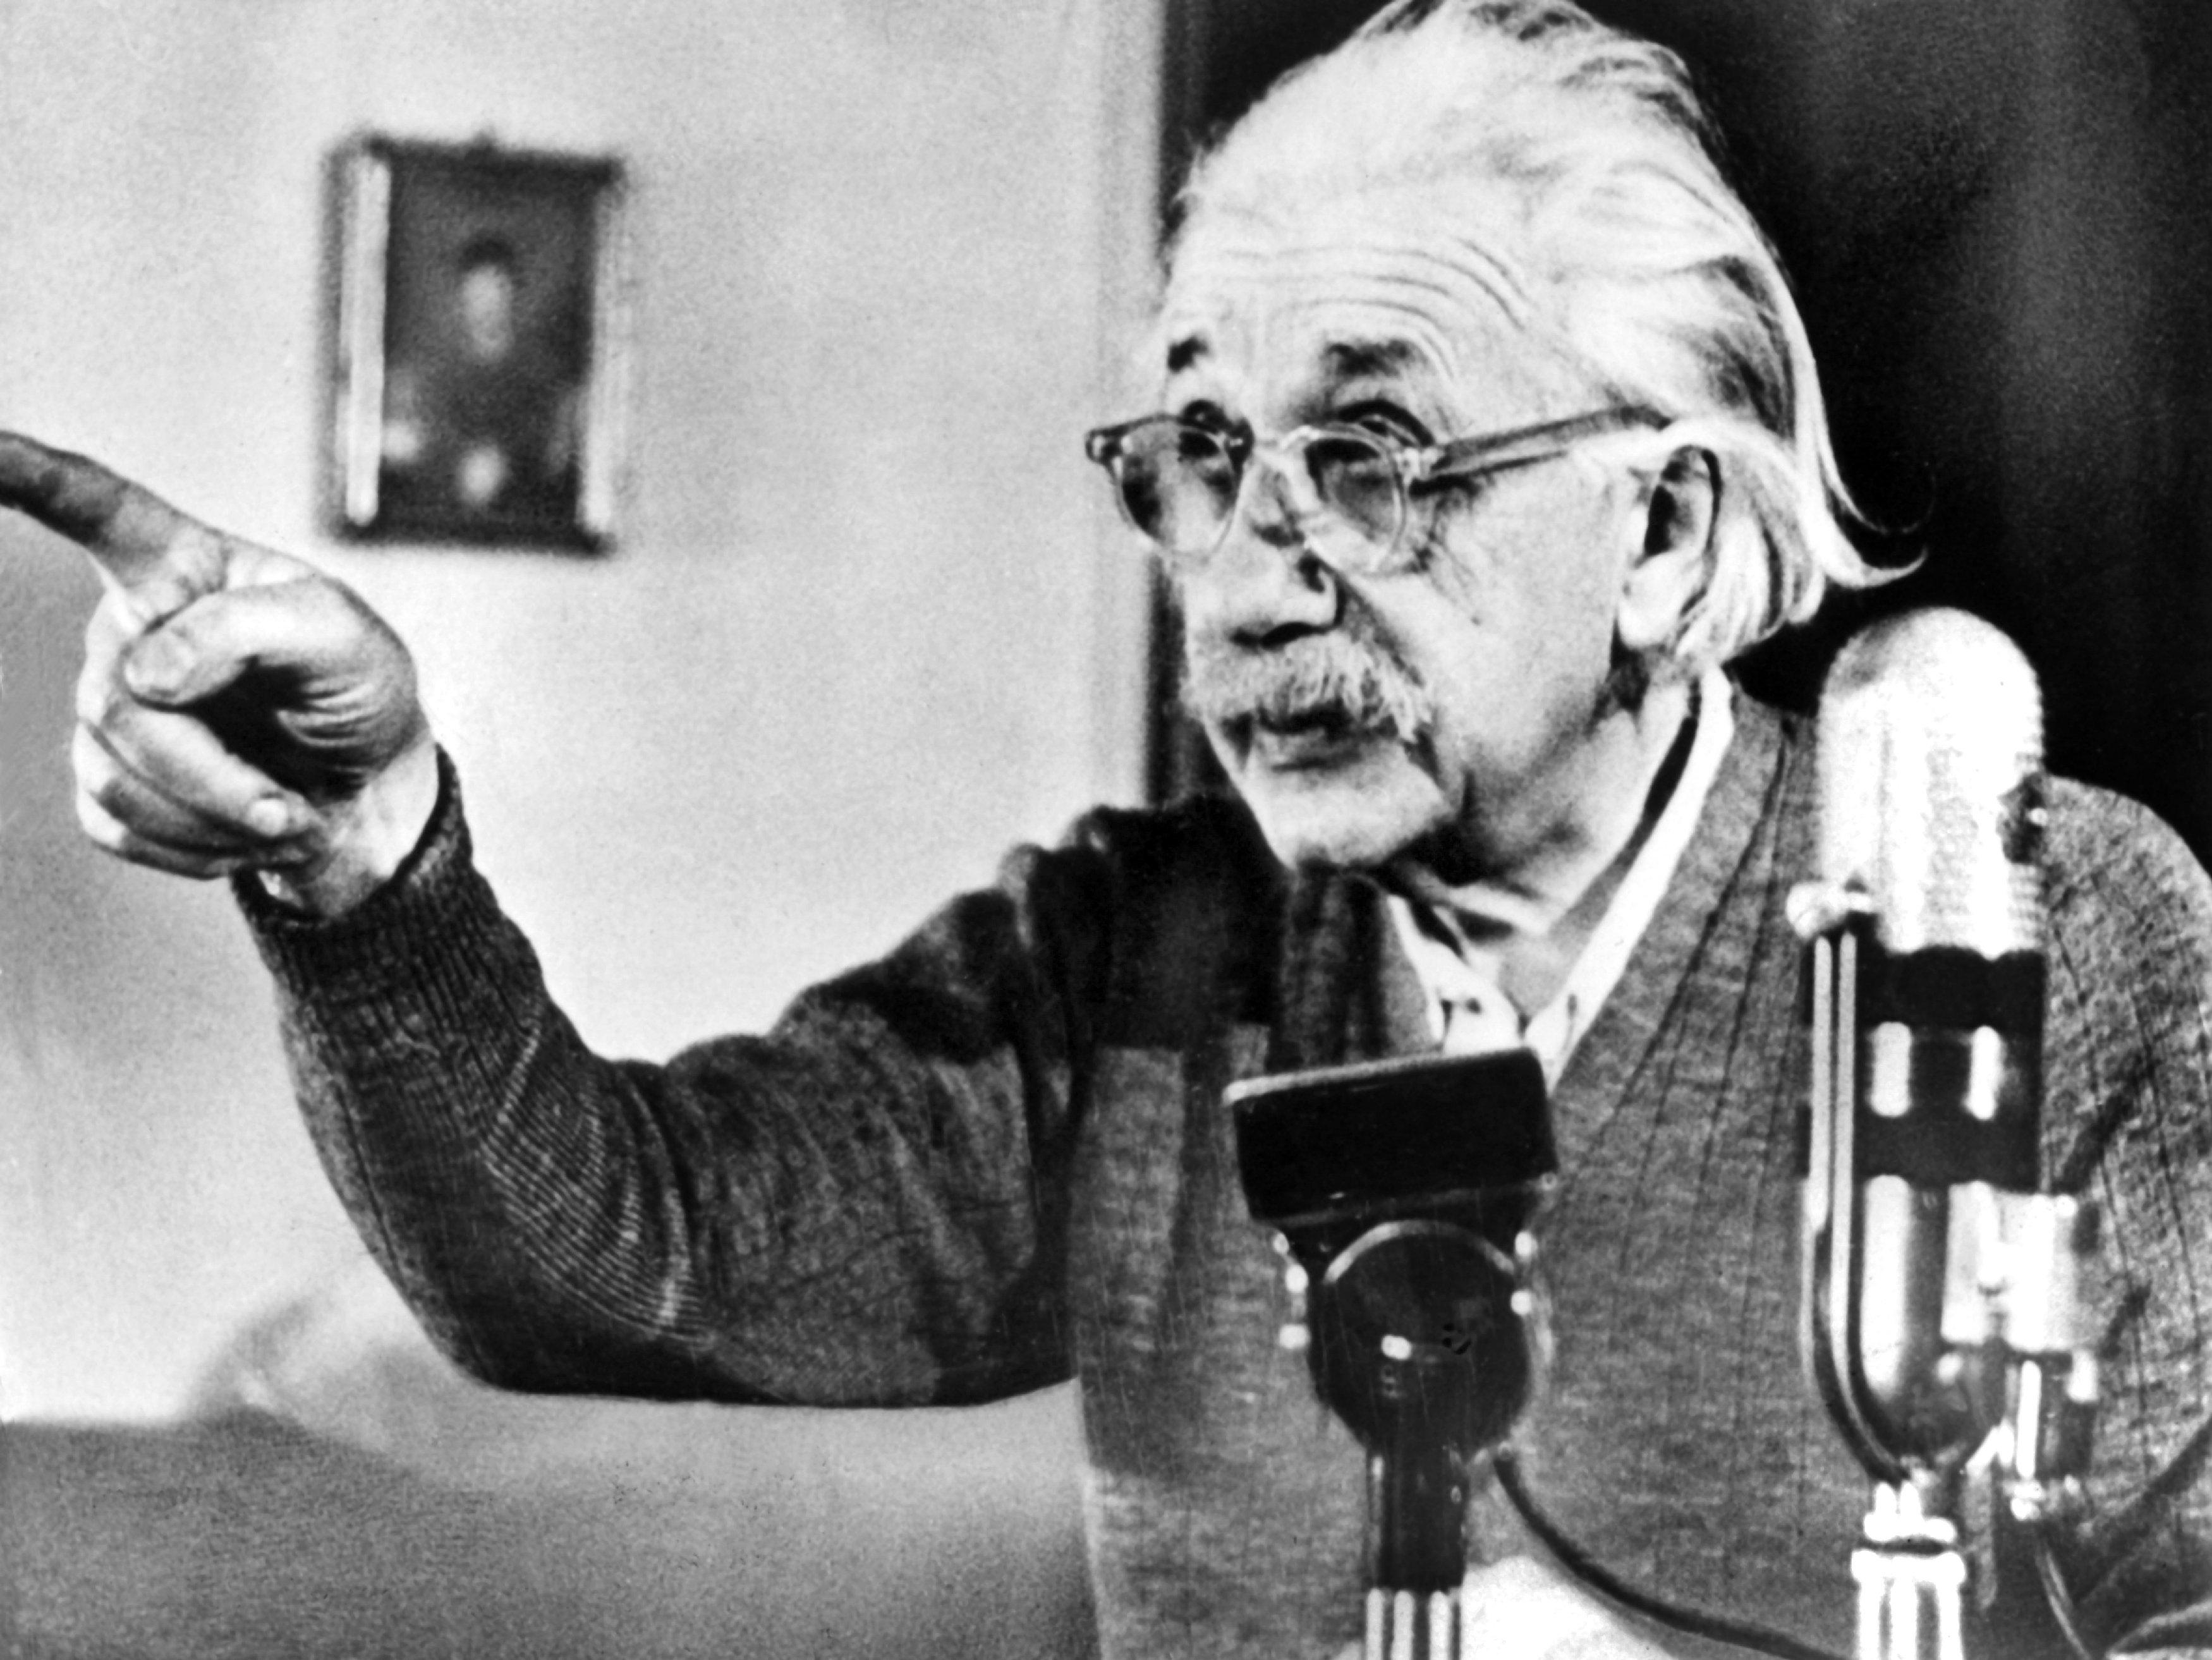 Albert Einstein spricht in einer berühmten Rede im Februar 1950 zur Frage des atomaren Wettrüstens. Ende Dezember 1999 wurde der unkonventionelle Wissenschaftler vom amerikanischen Time-Magazin zur